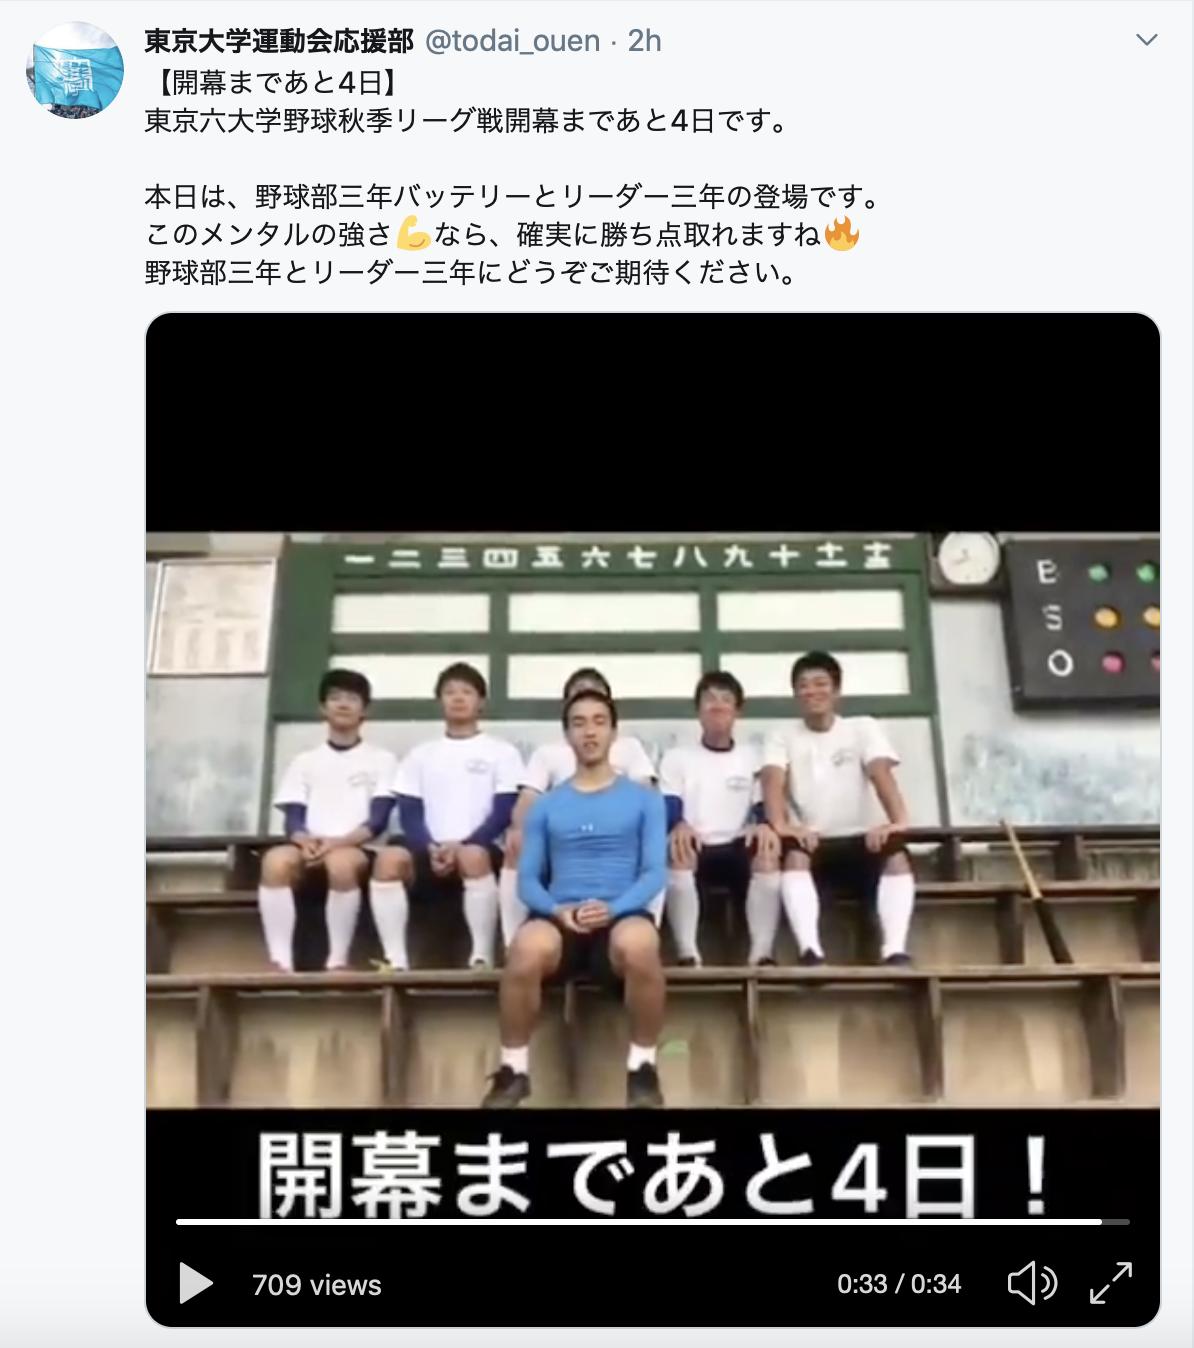 スクリーンショット 2019-09-10 10.21.03